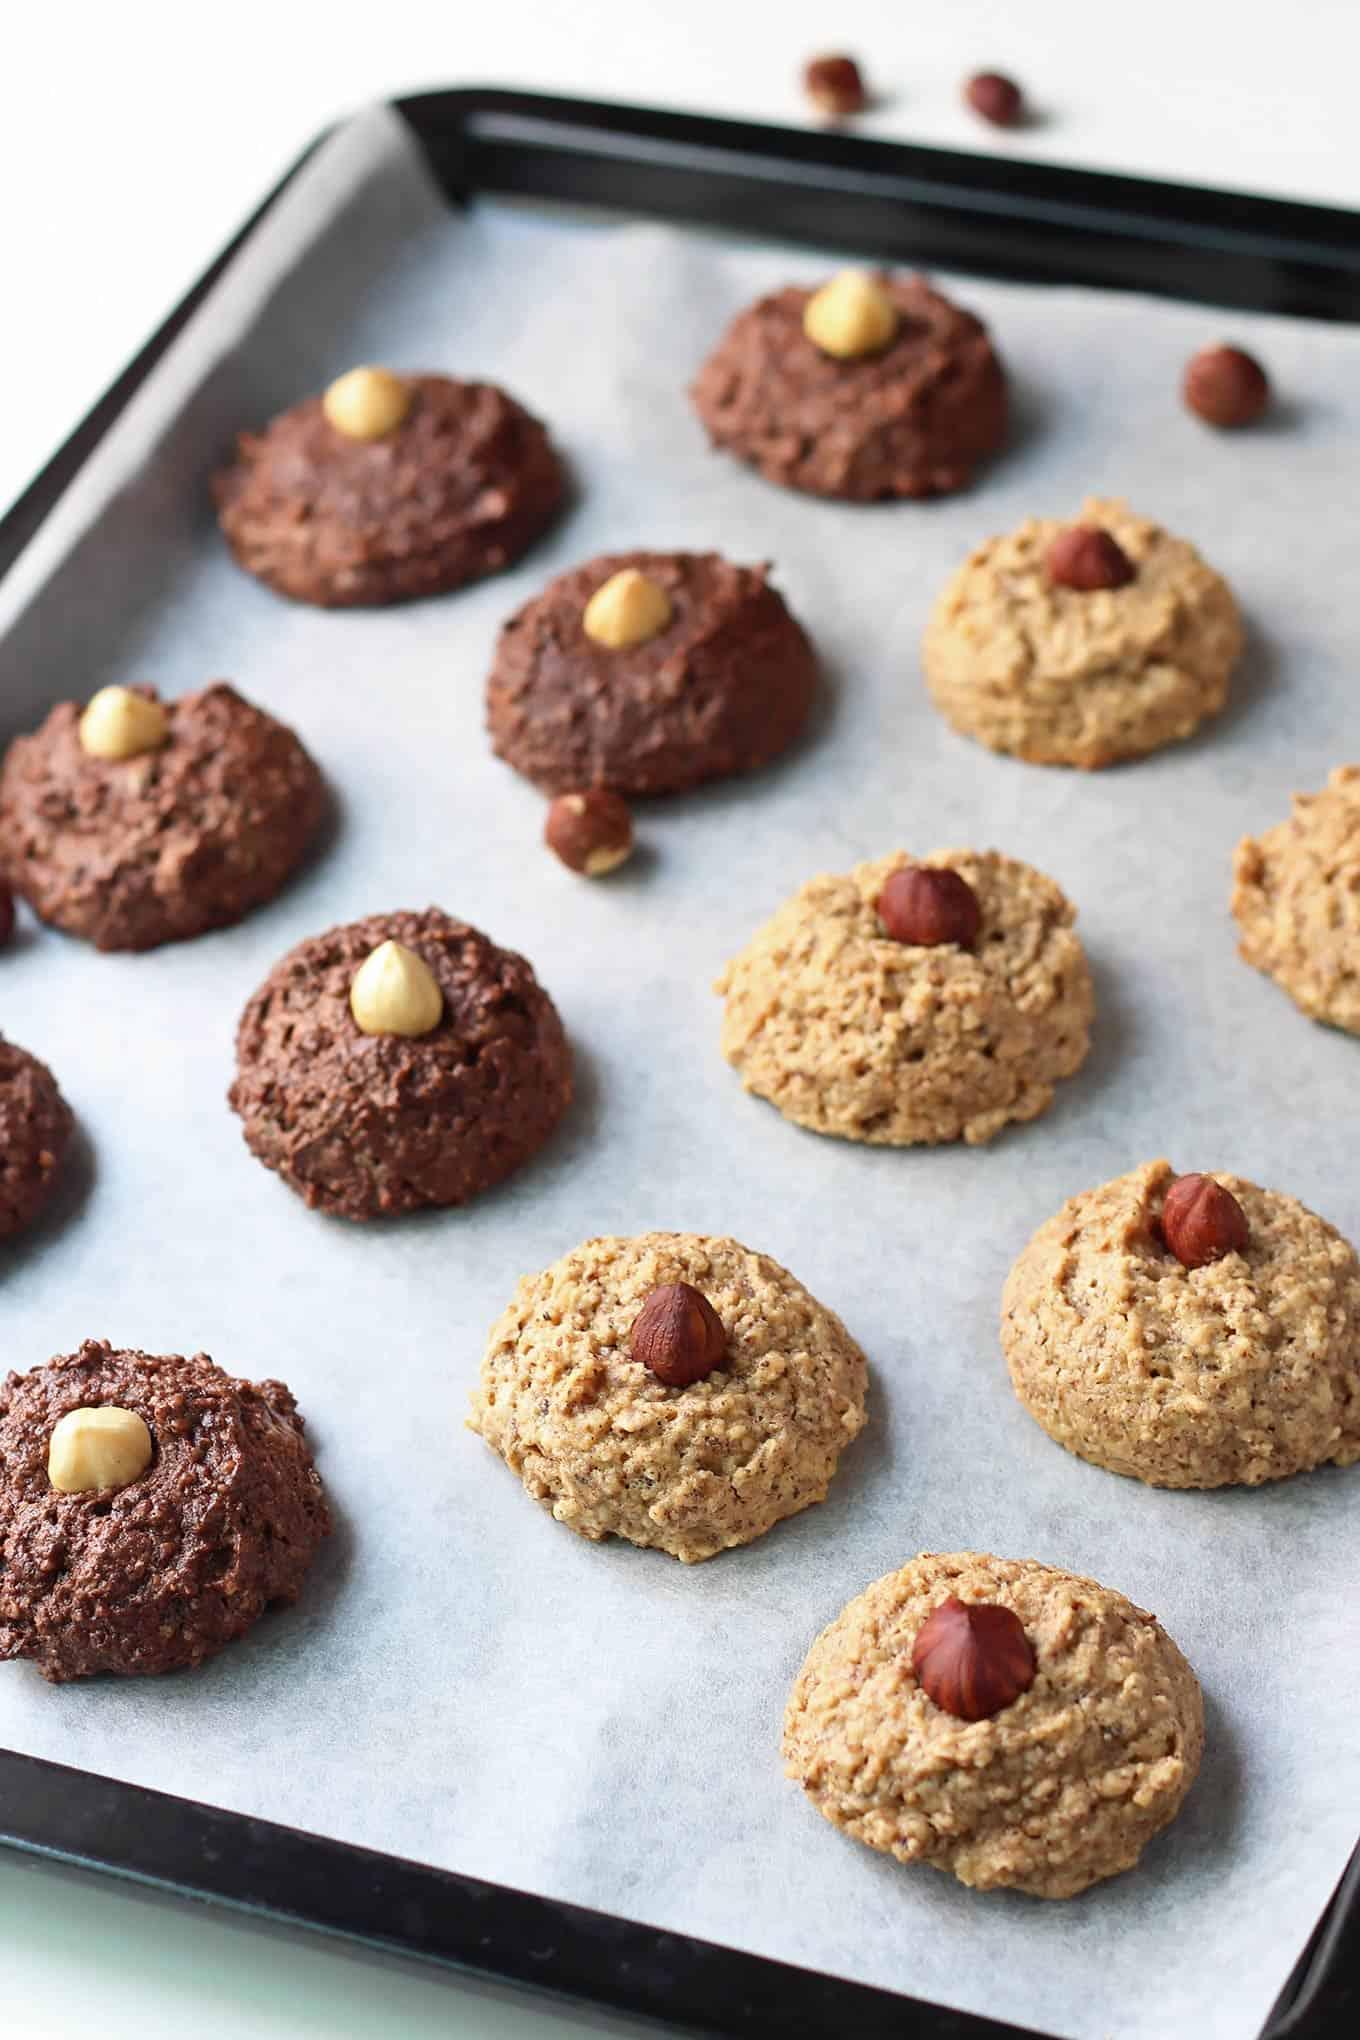 Hazelnut Macaroons on Baking Sheet